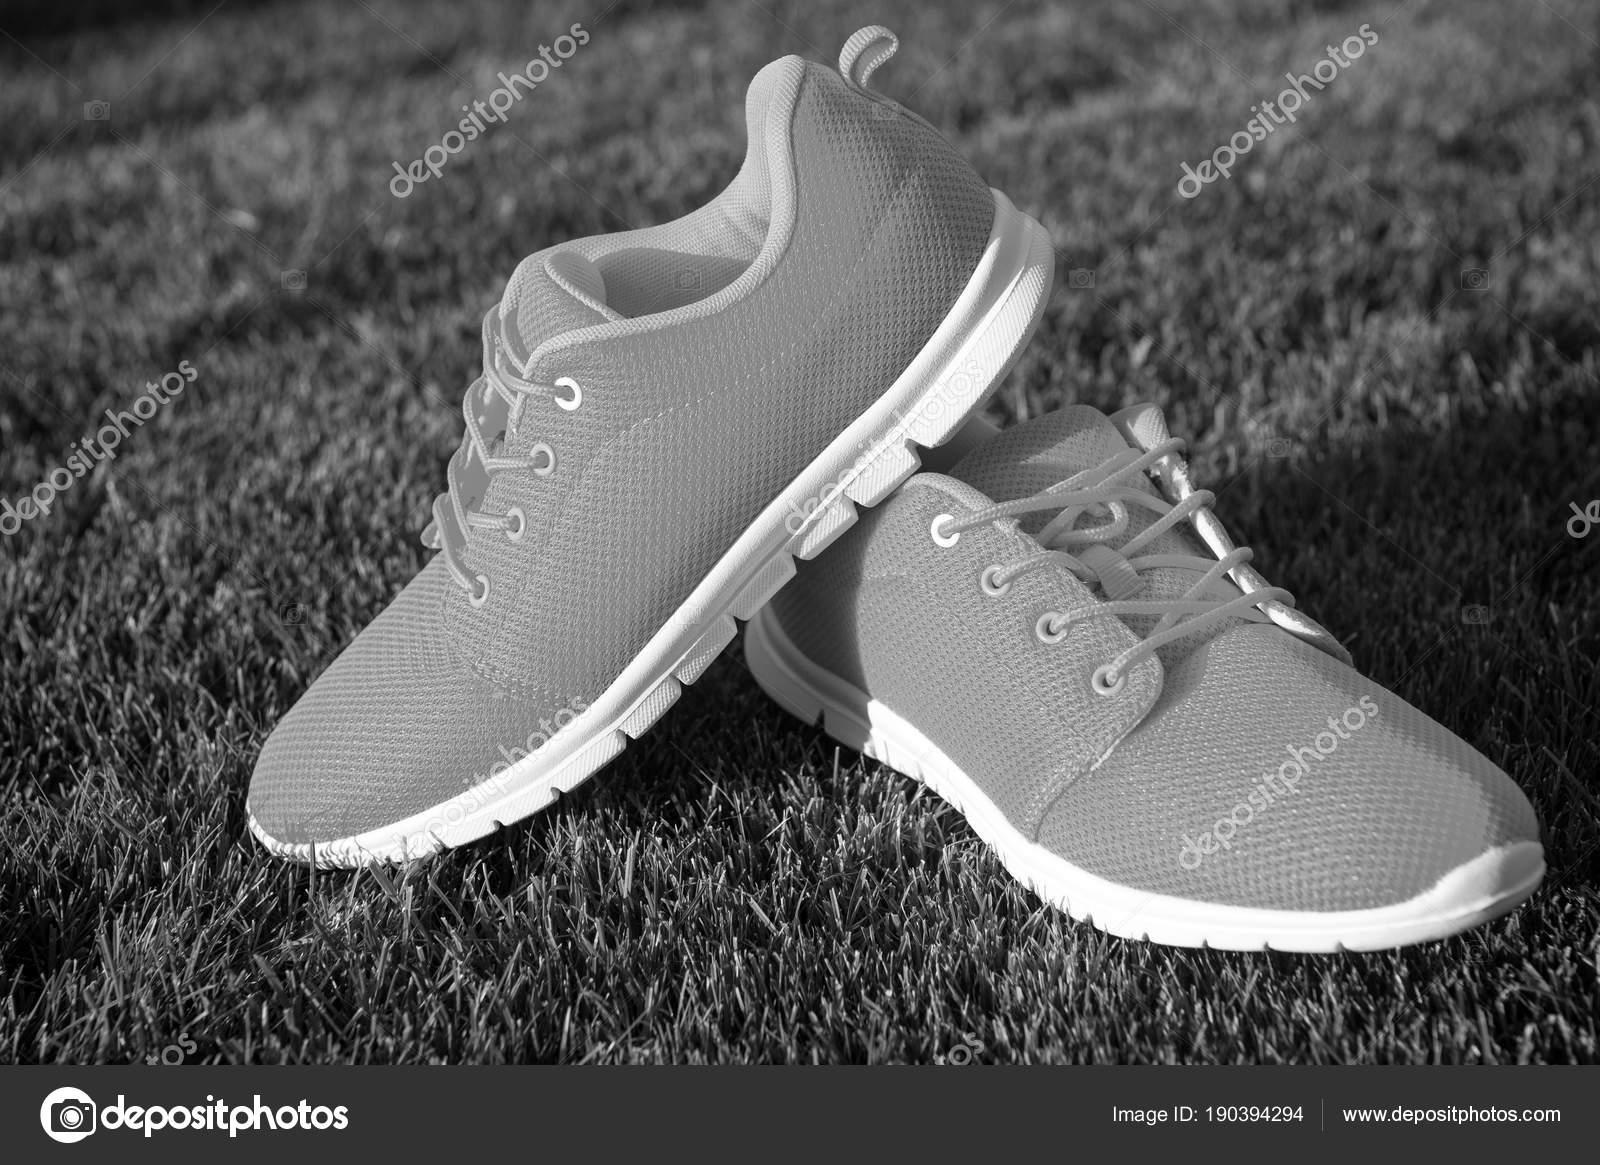 520b07cbad98 Спортивная обувь кроссовки на свежая зеленая трава — Стоковое фото ...